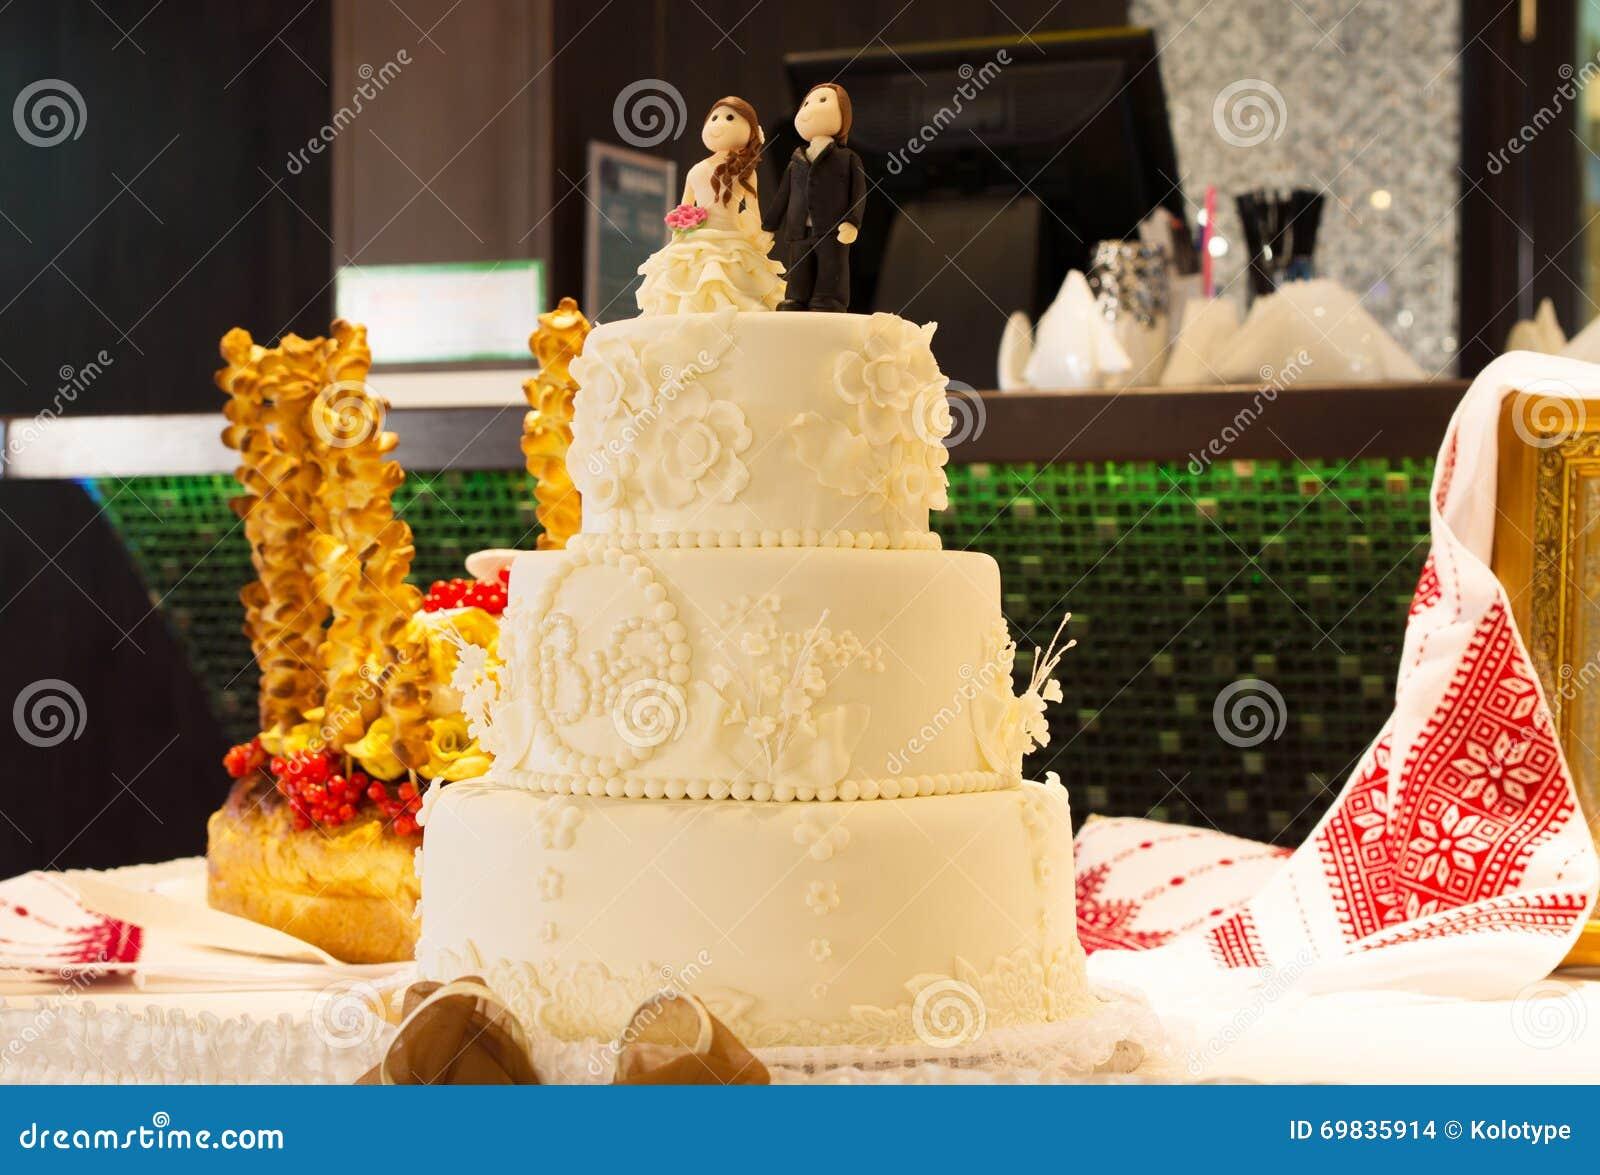 Stylish Decorated White Wedding Cake Stock Photo - Image of iced ...